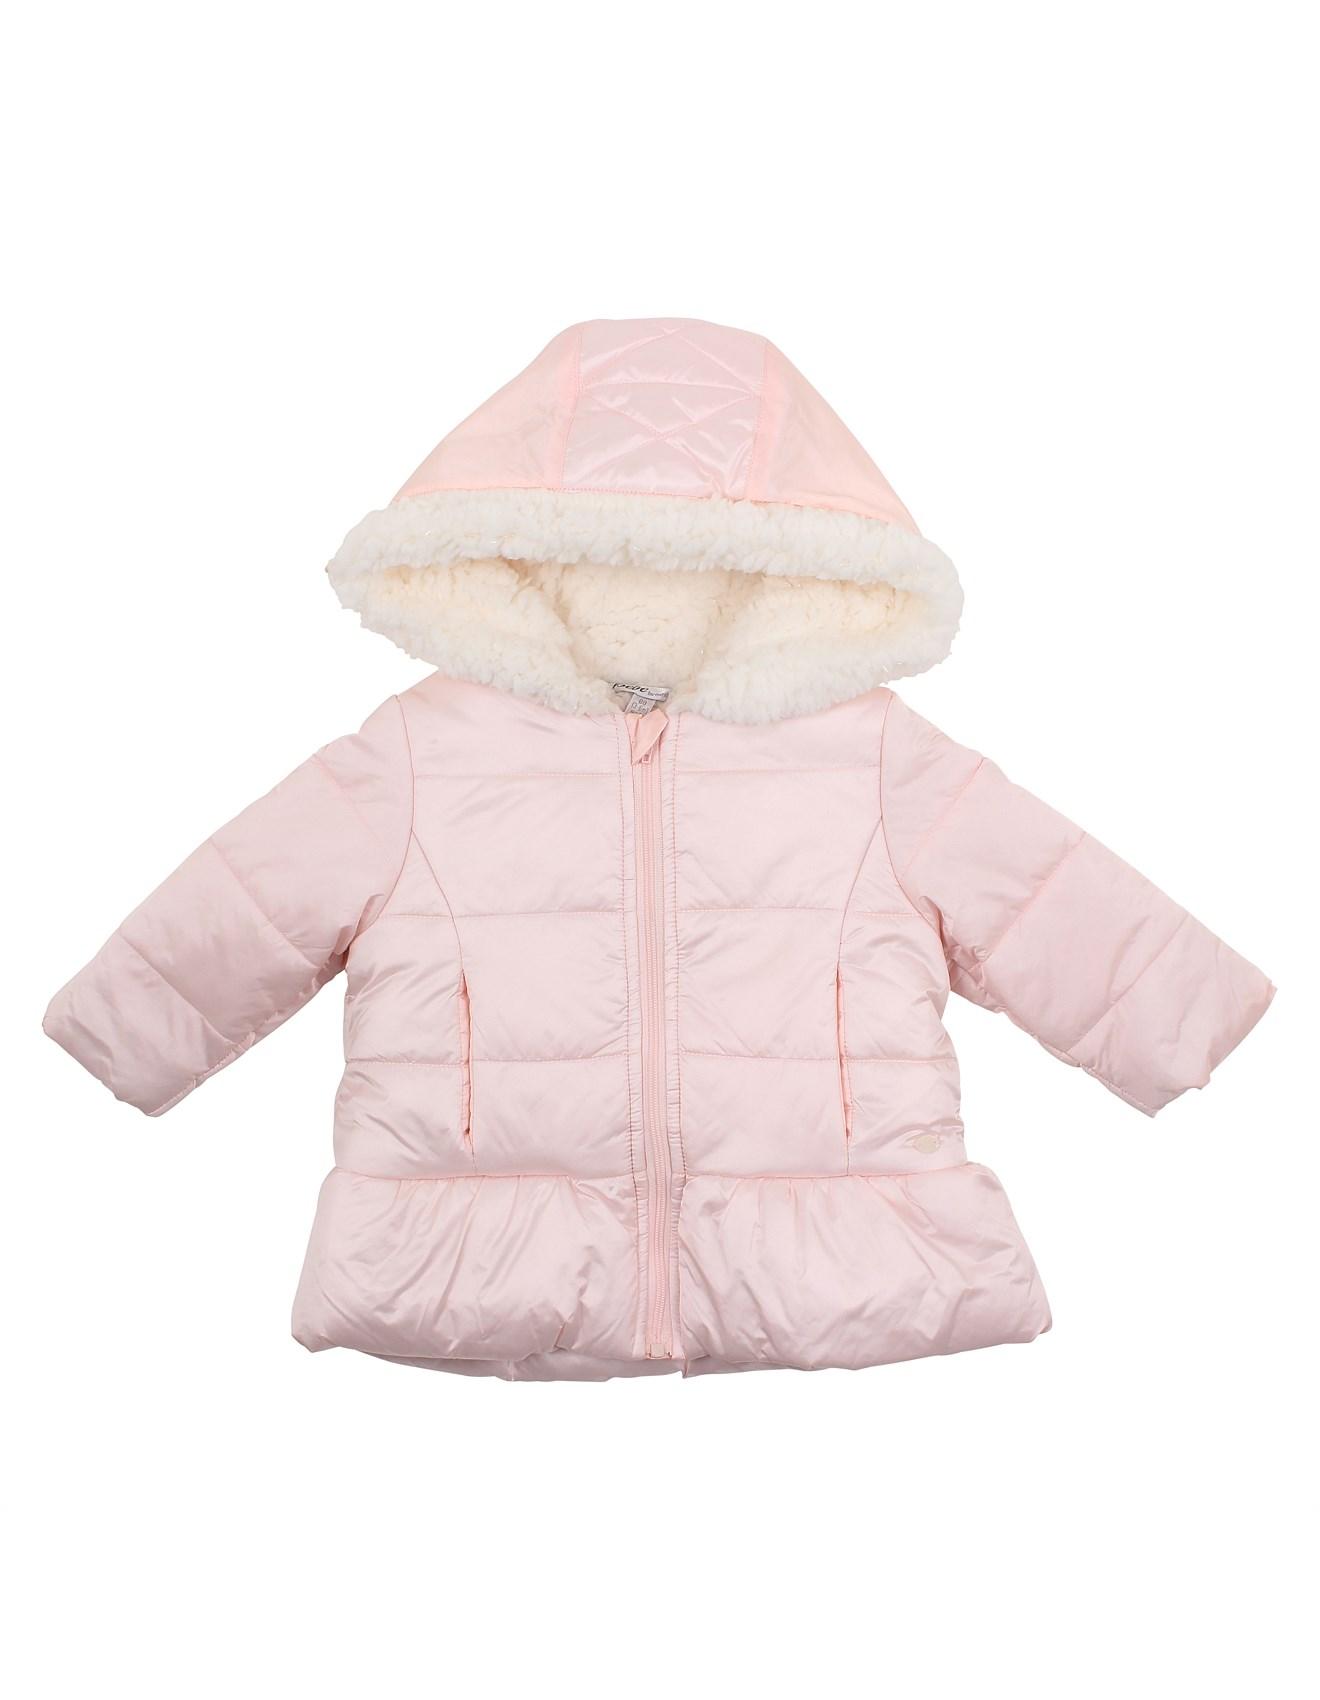 b51739877082 Baby Jackets   Coats